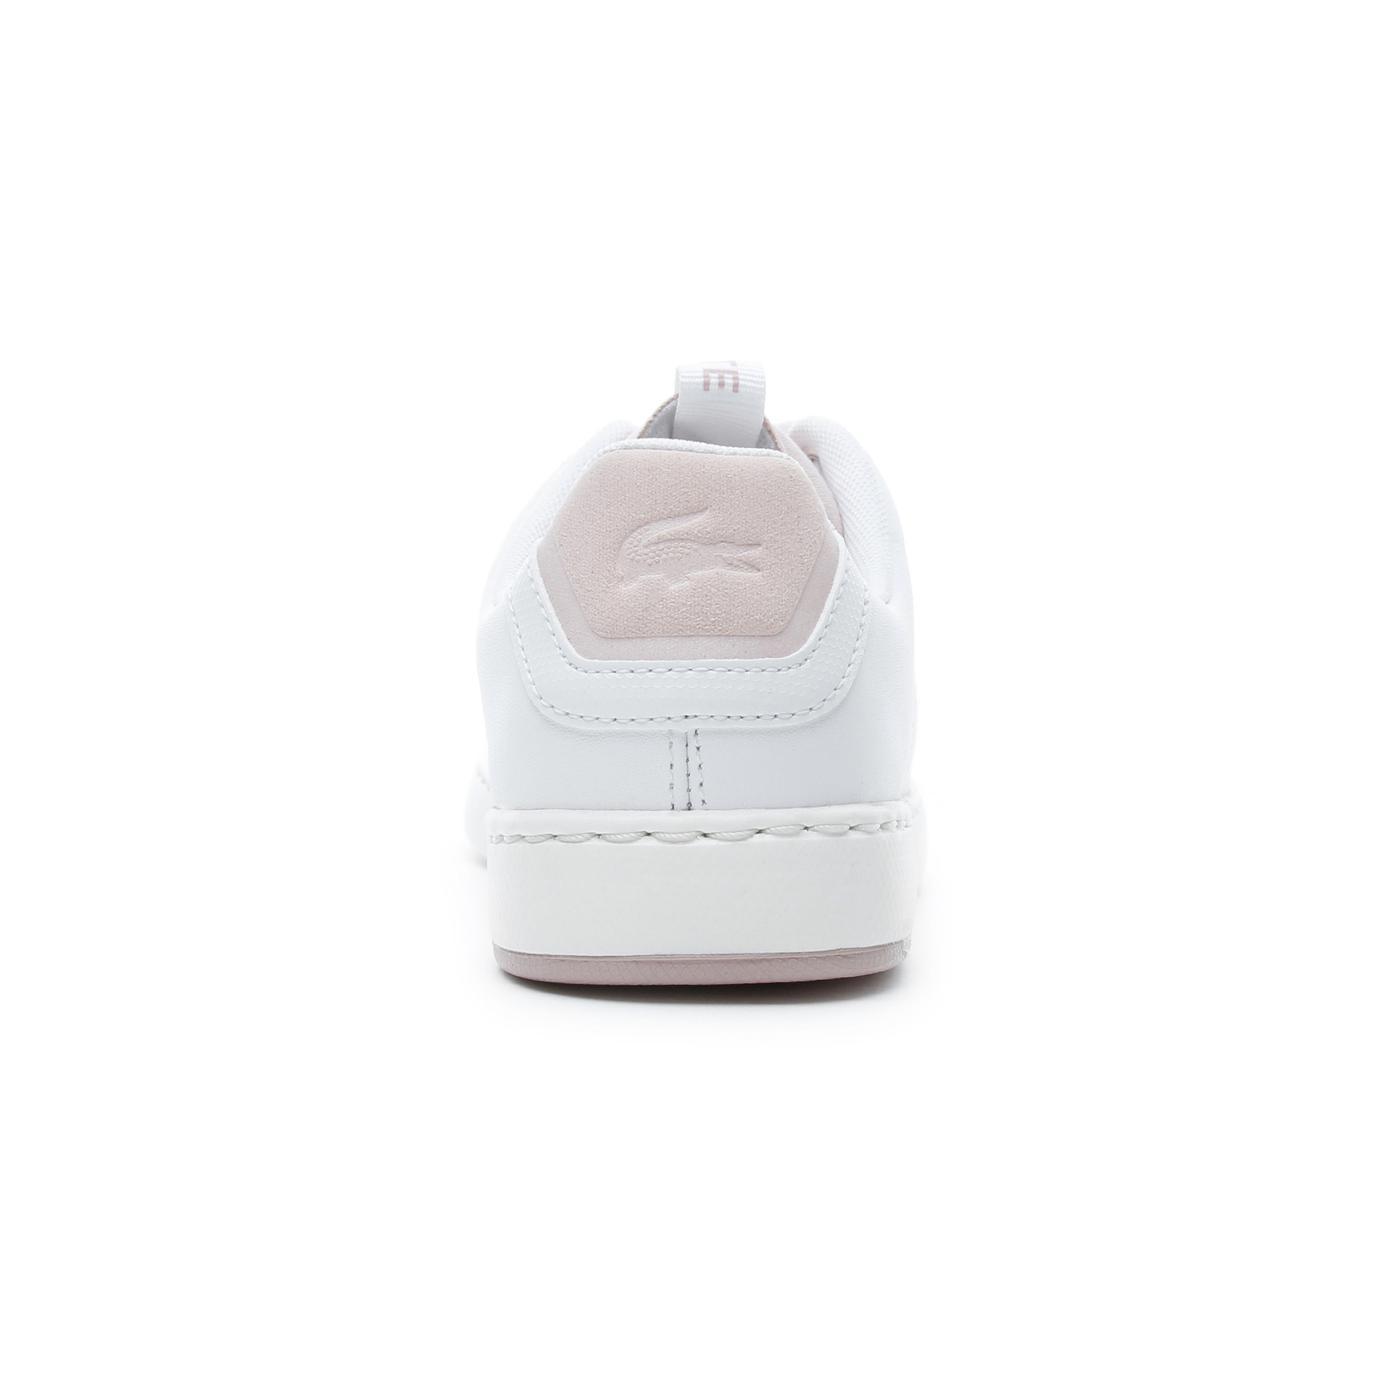 Lacoste Carnaby Evo Kadın Beyaz - Pudra Spor Ayakkabı